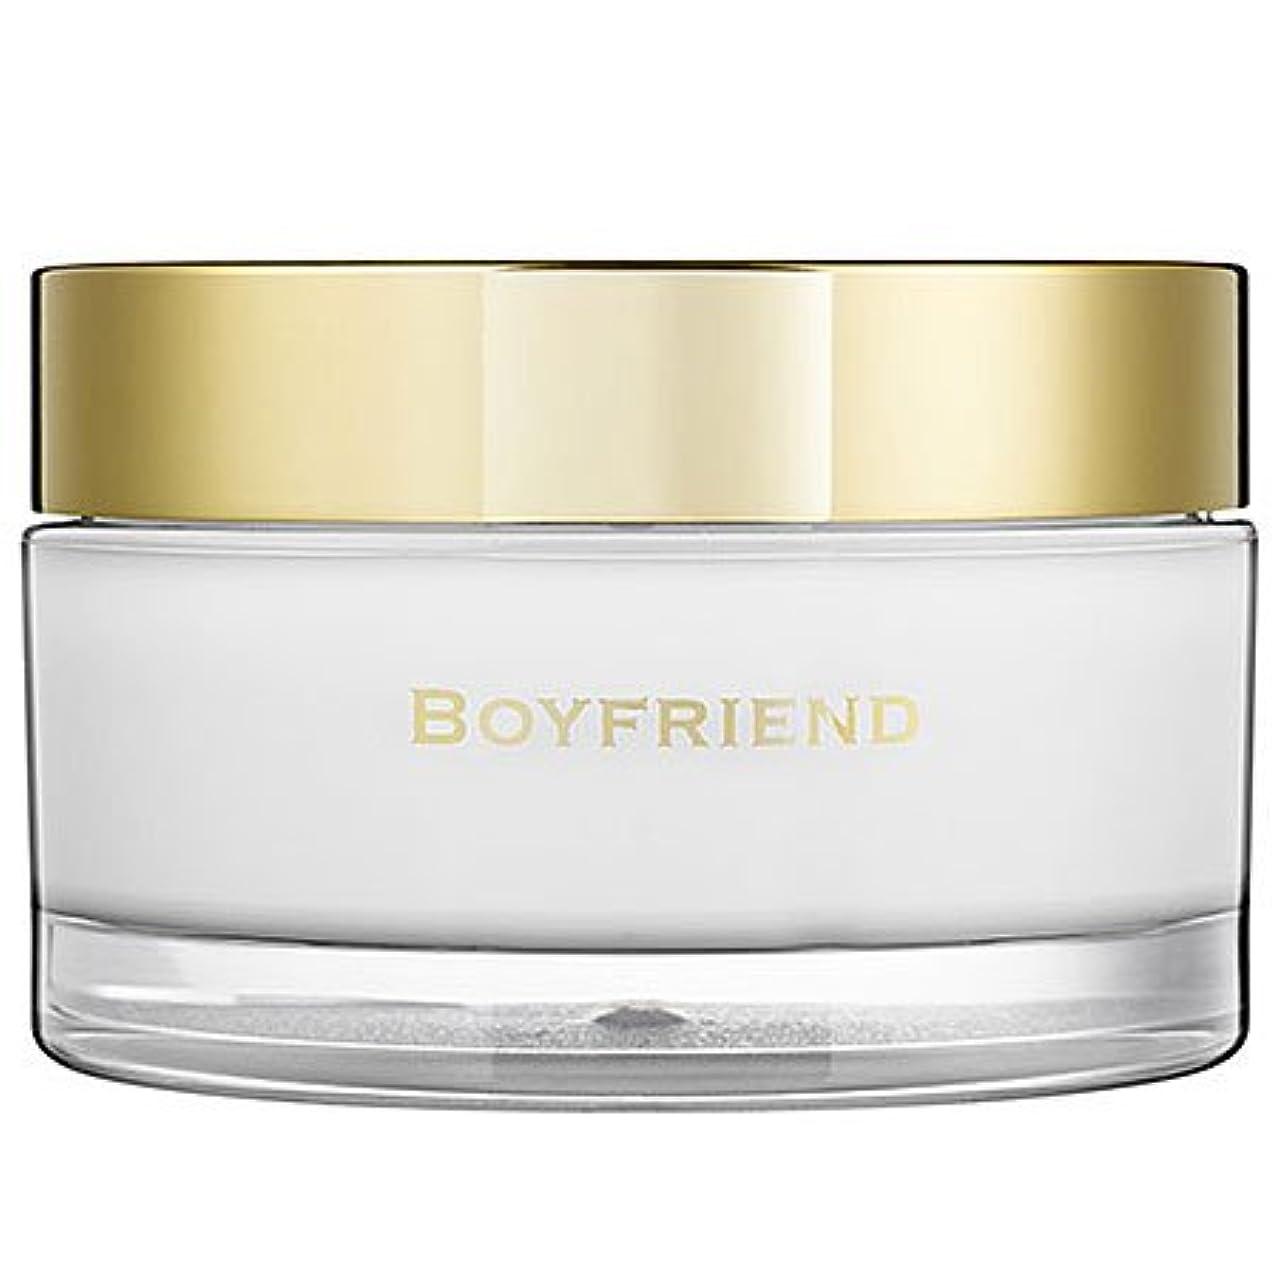 弁護人主導権マザーランドBoyfriend (ボーイフレンド) 6.7 oz (200ml) Body Cream by Kate Walsh for Women